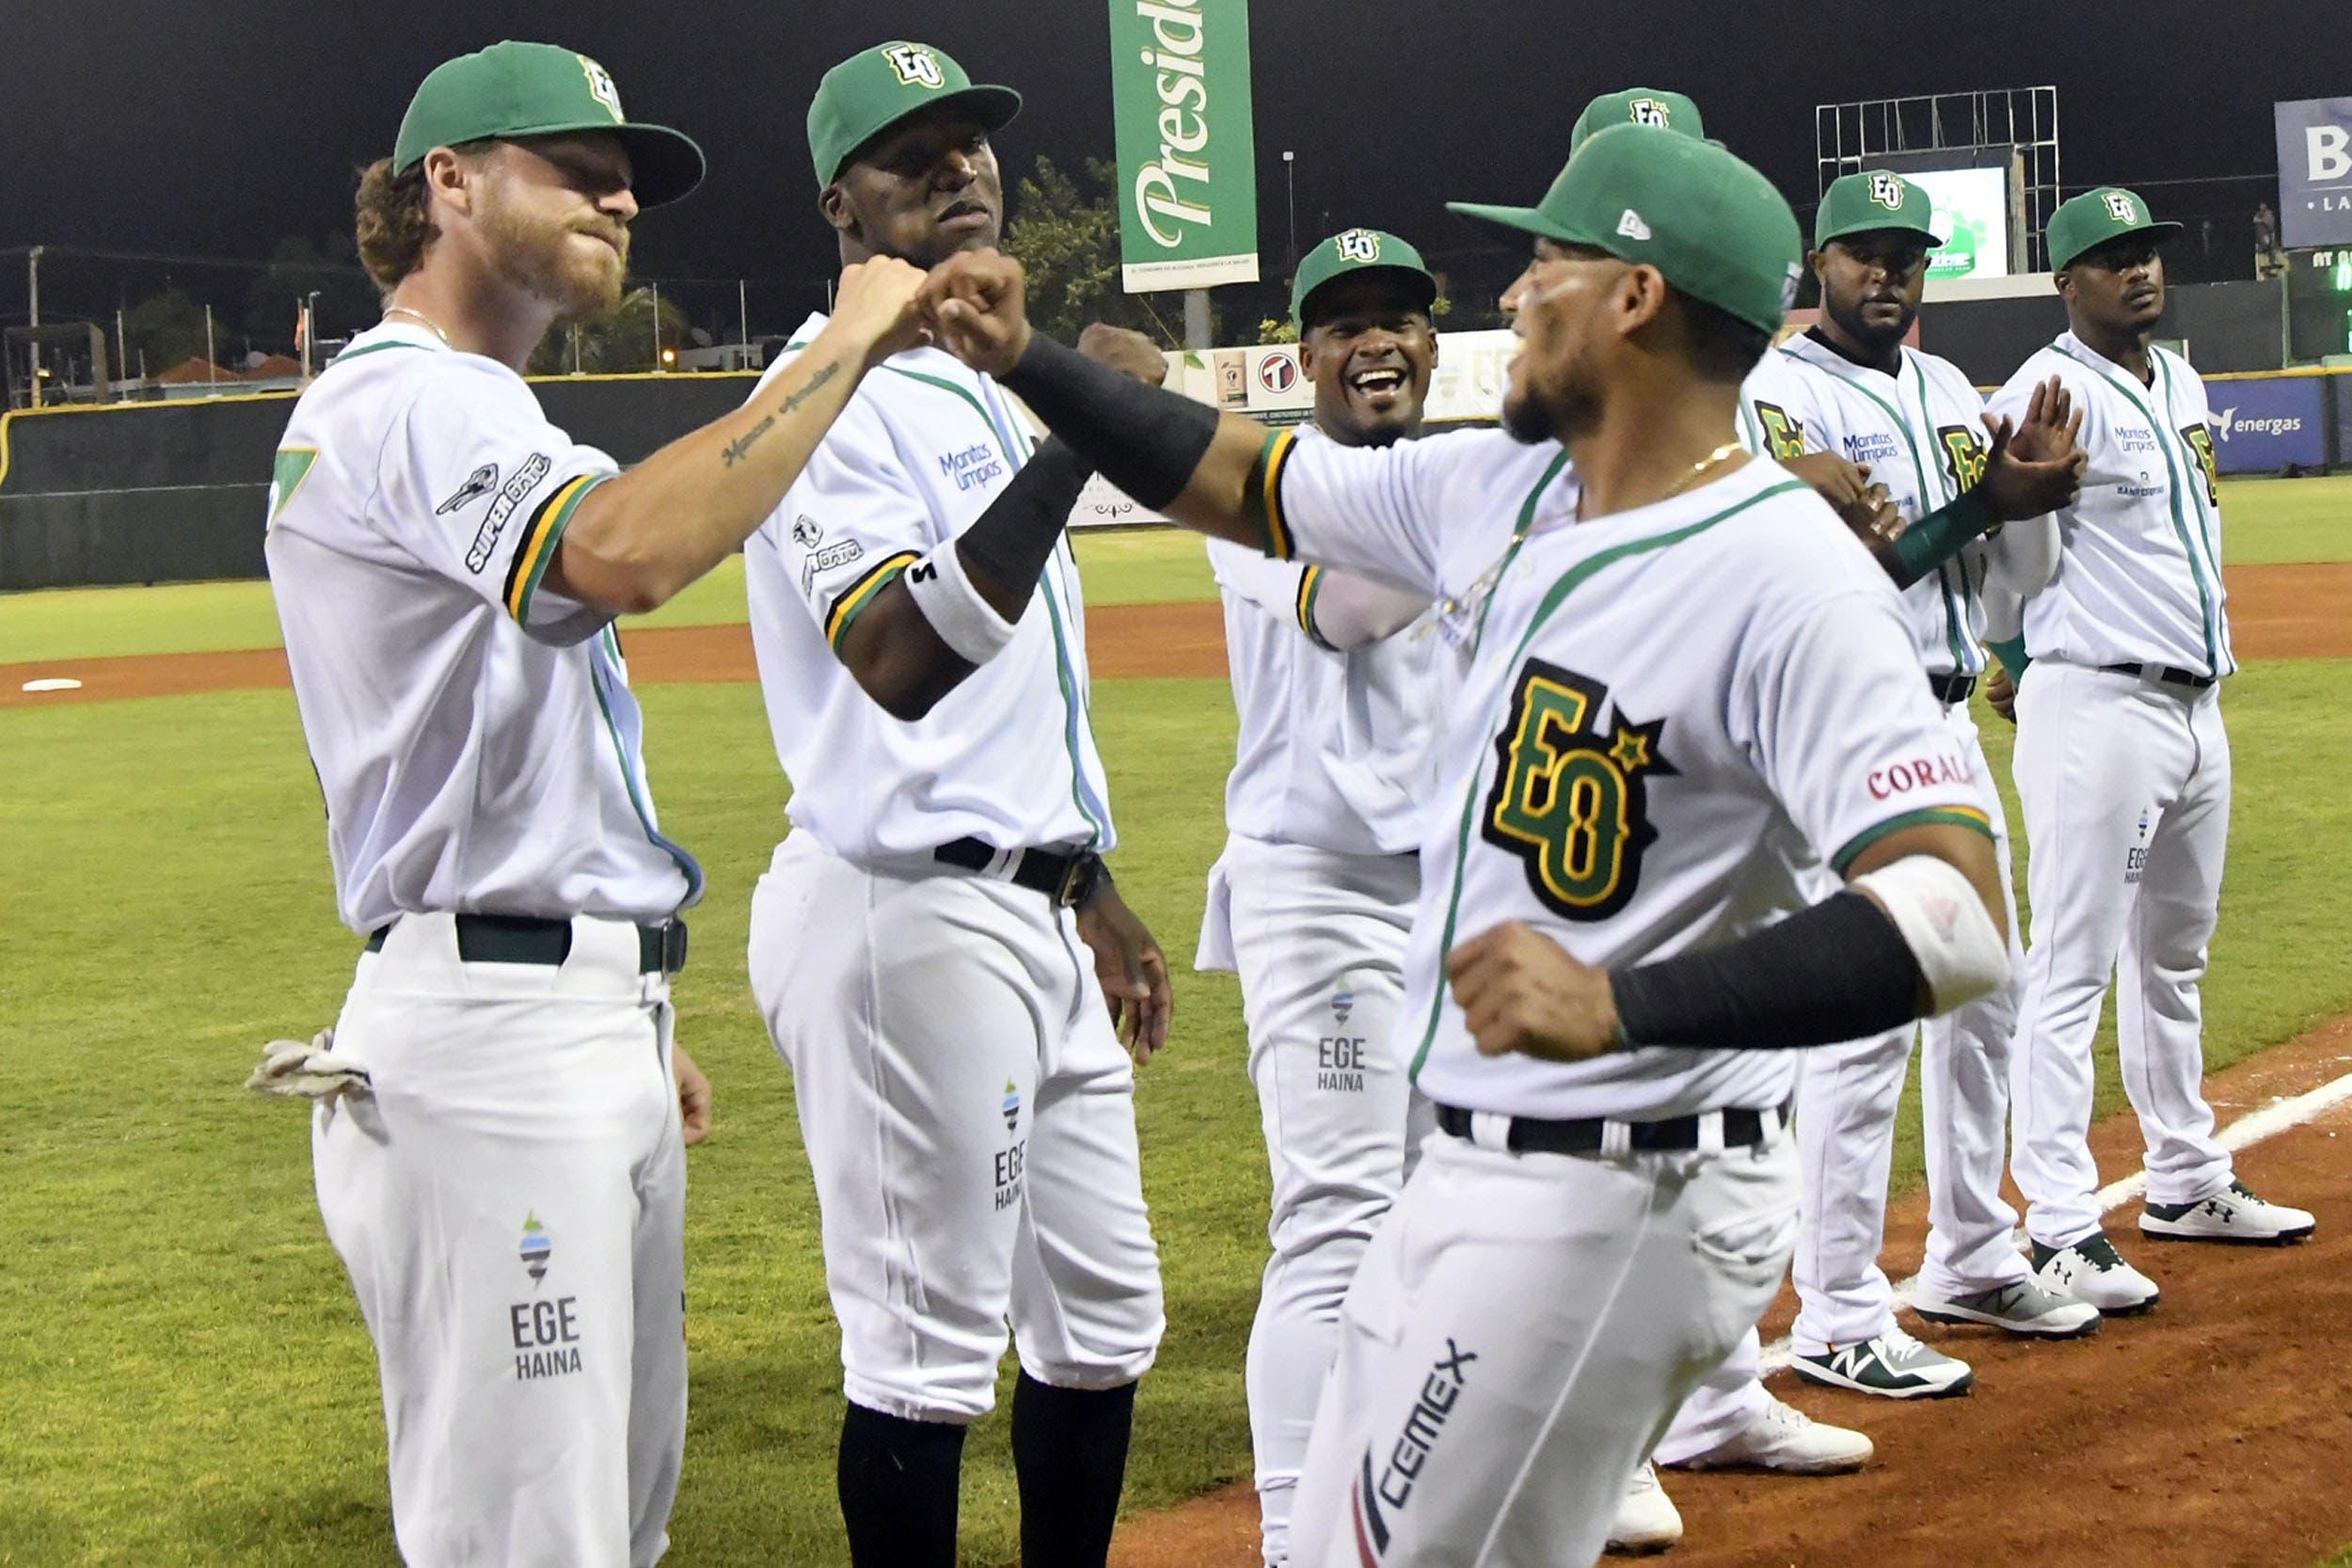 Estrellas blanquean Toros en labor combinada de 6 pitchers; Montero remolca